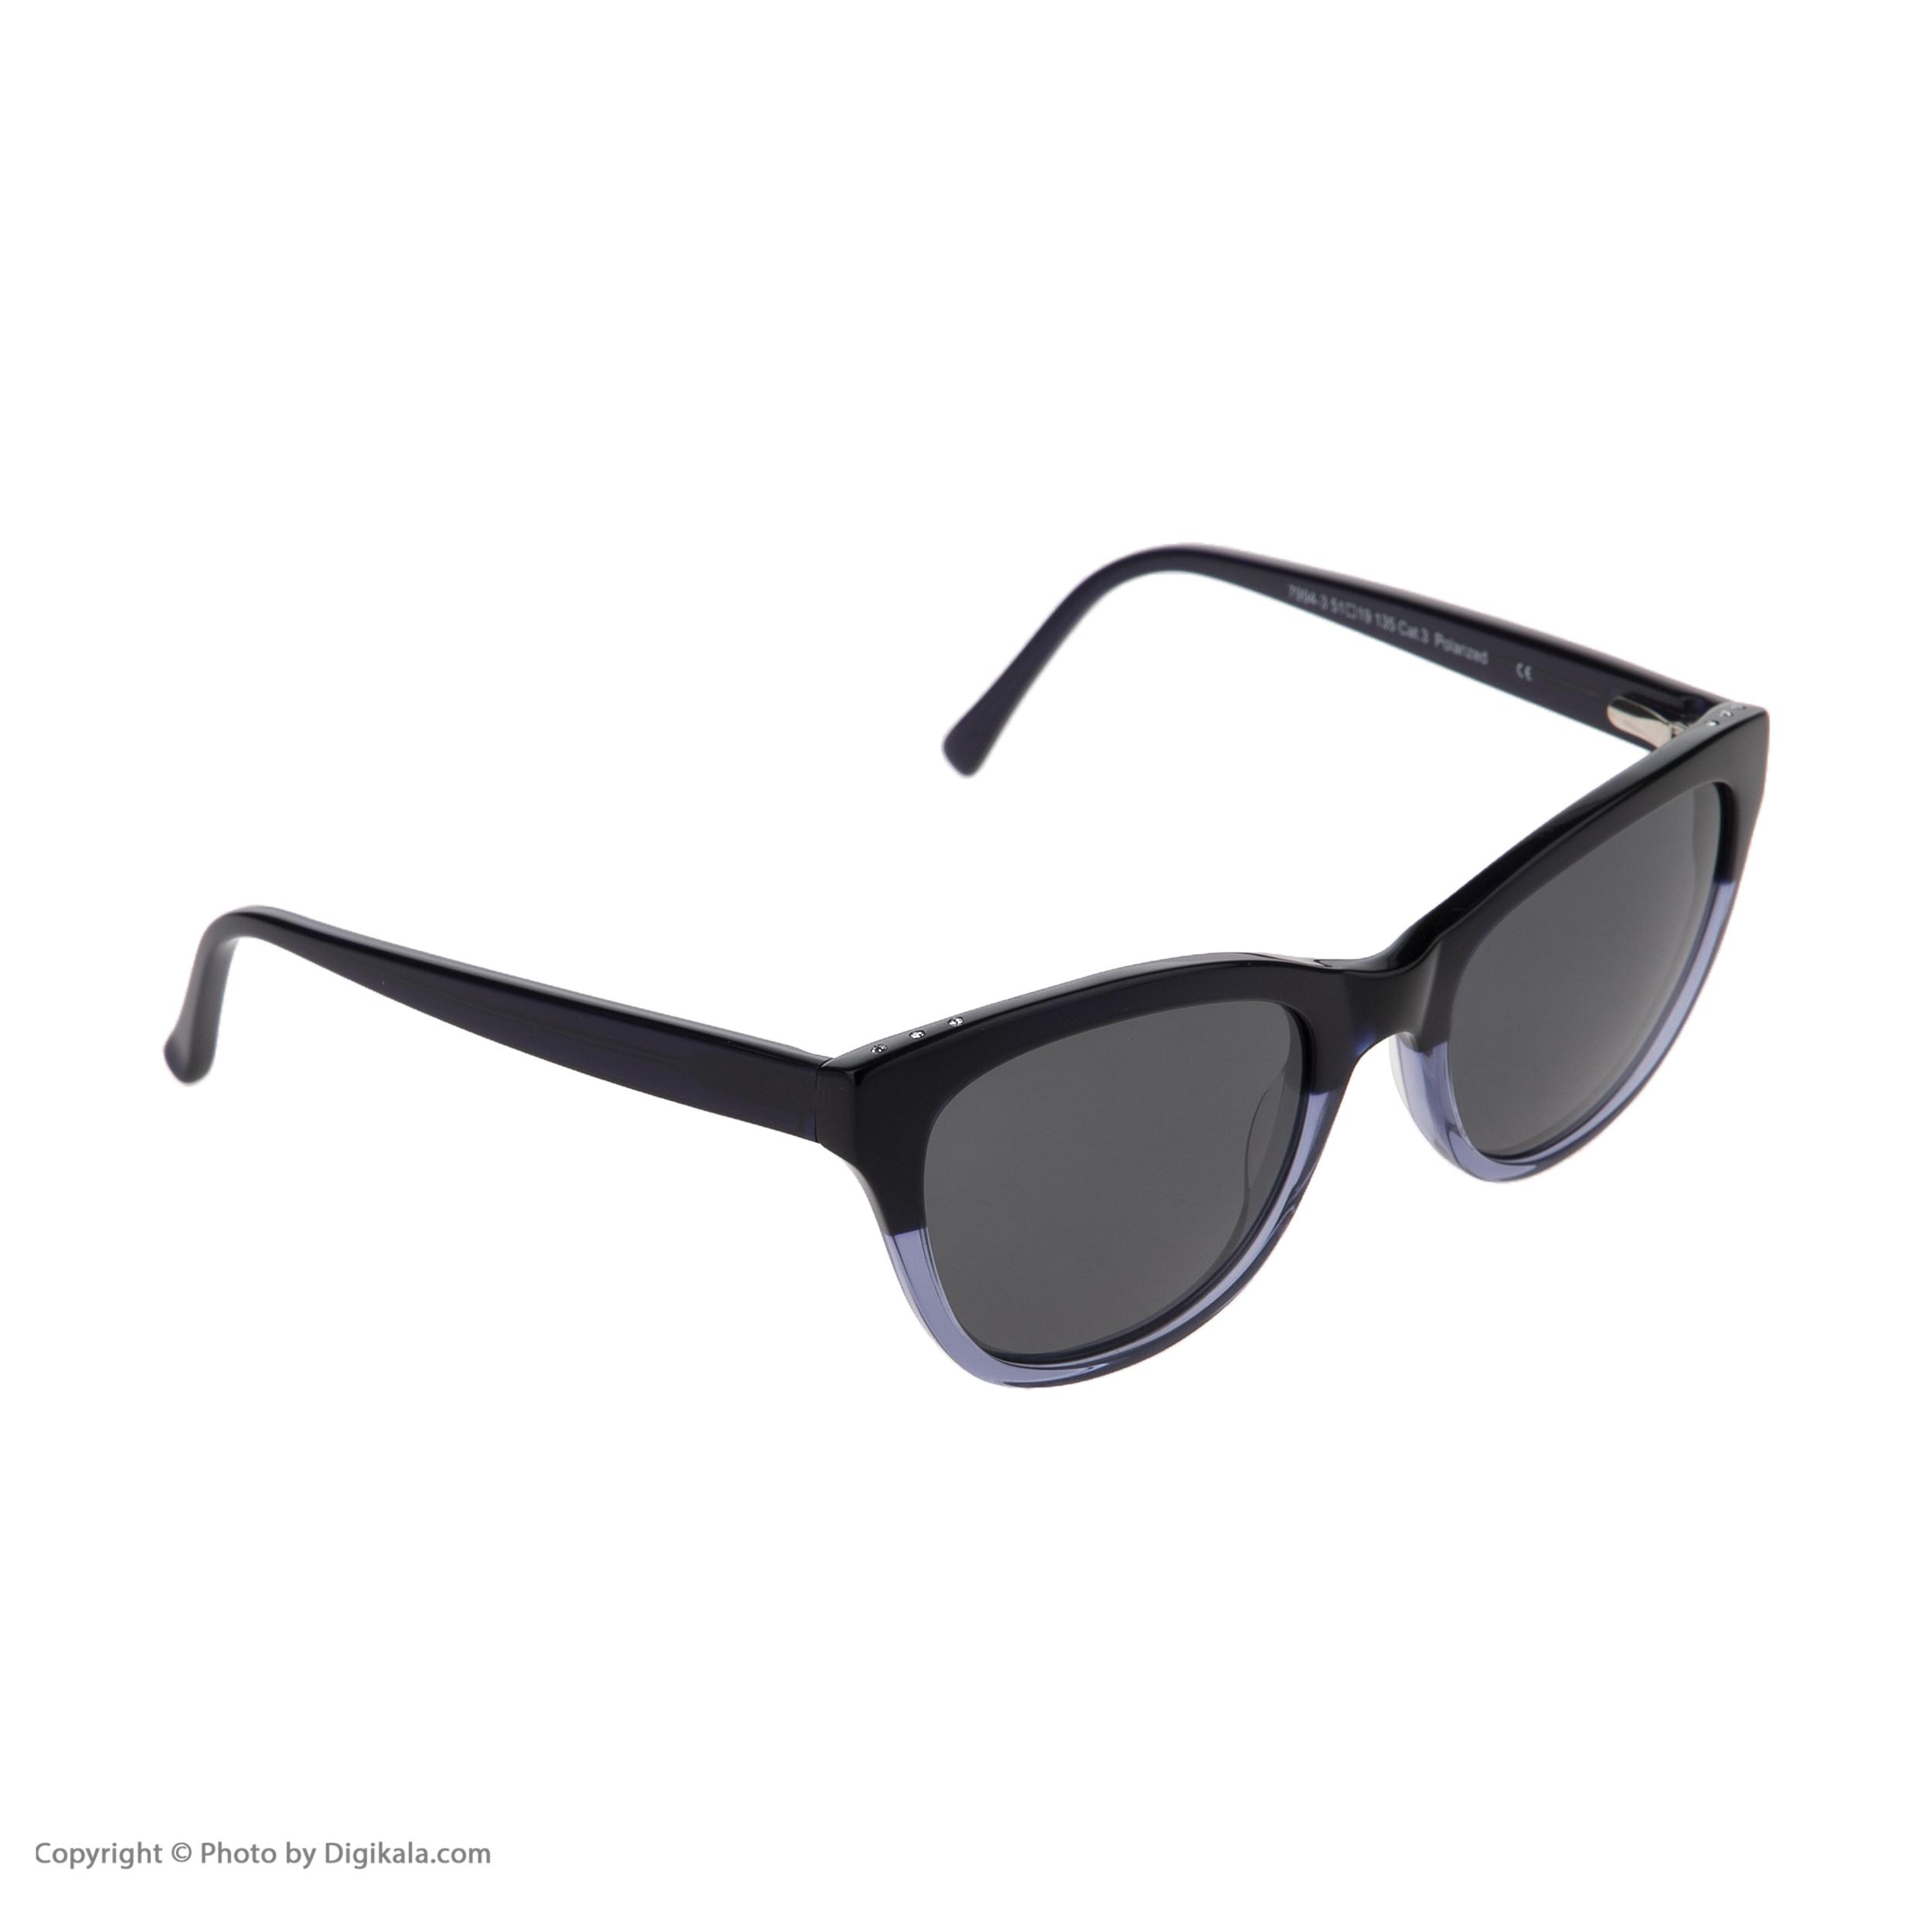 عینک آفتابی زنانه ویستان مدل 7994003 -  - 4